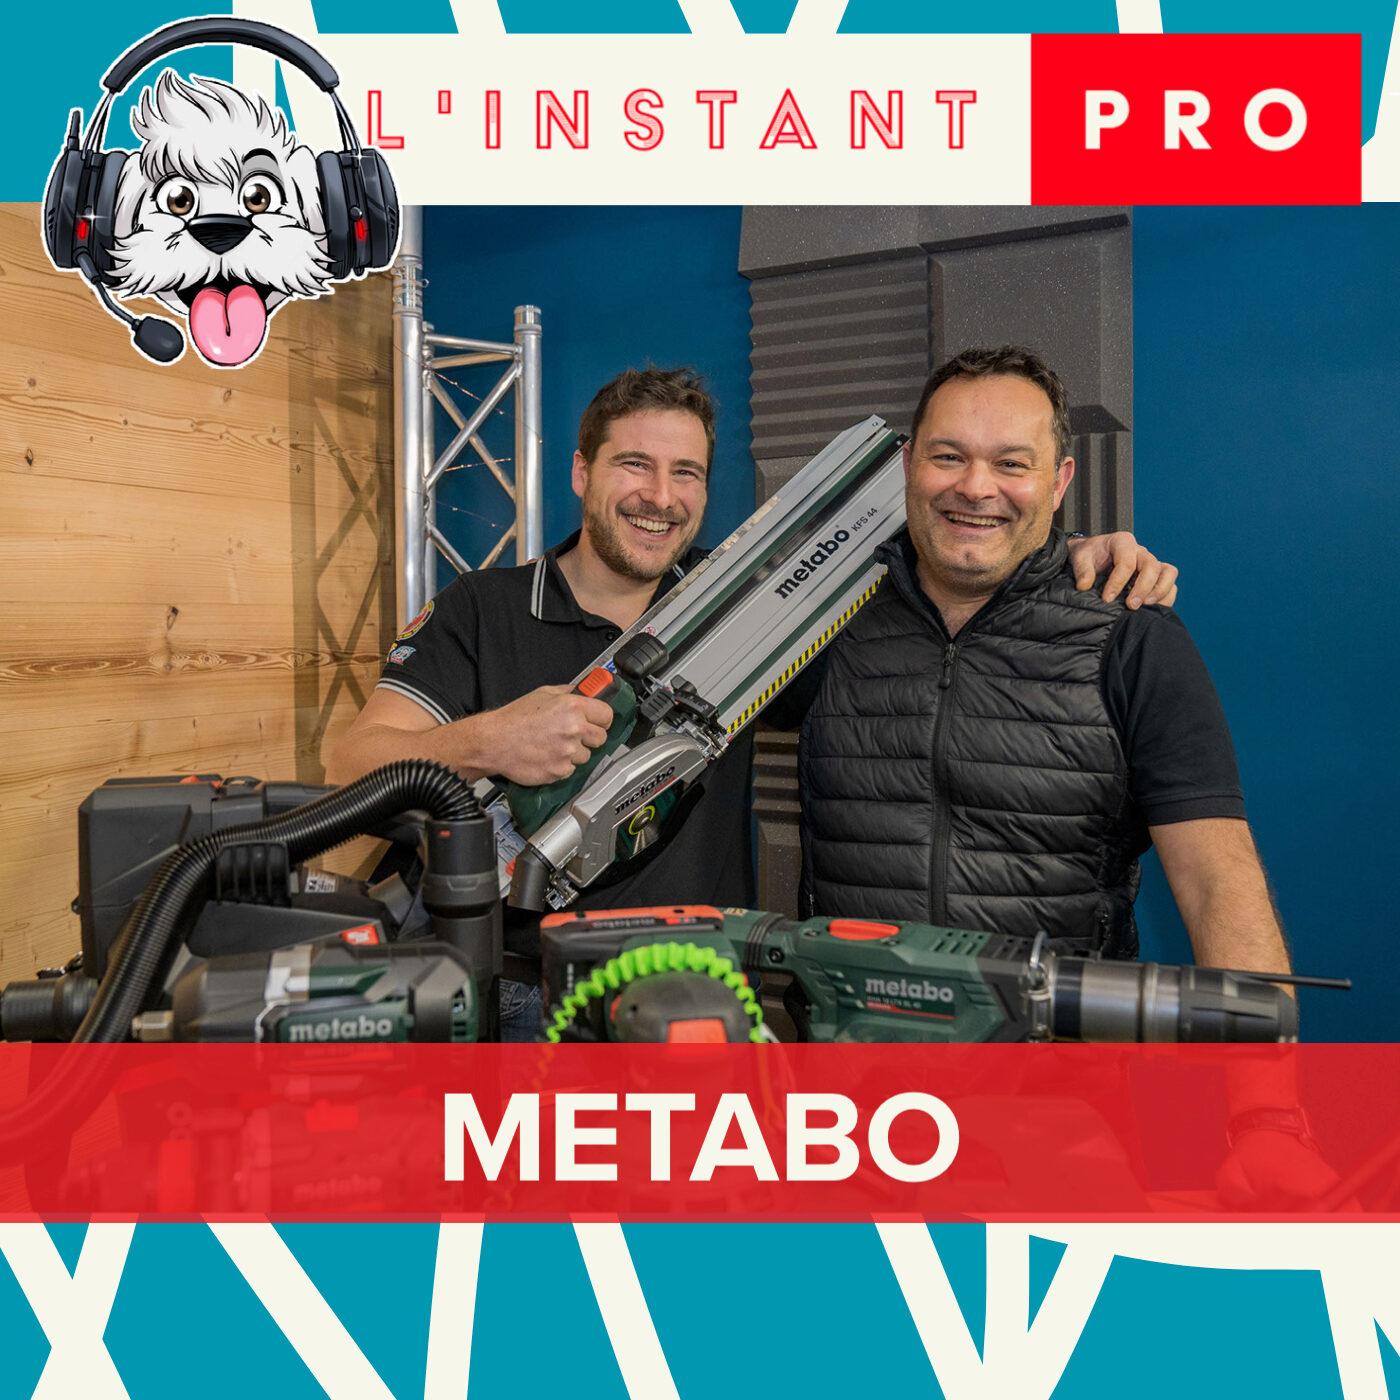 METABO, Encore des nouveaux outils pour 2021 ! L'instant PRO de BichonTV